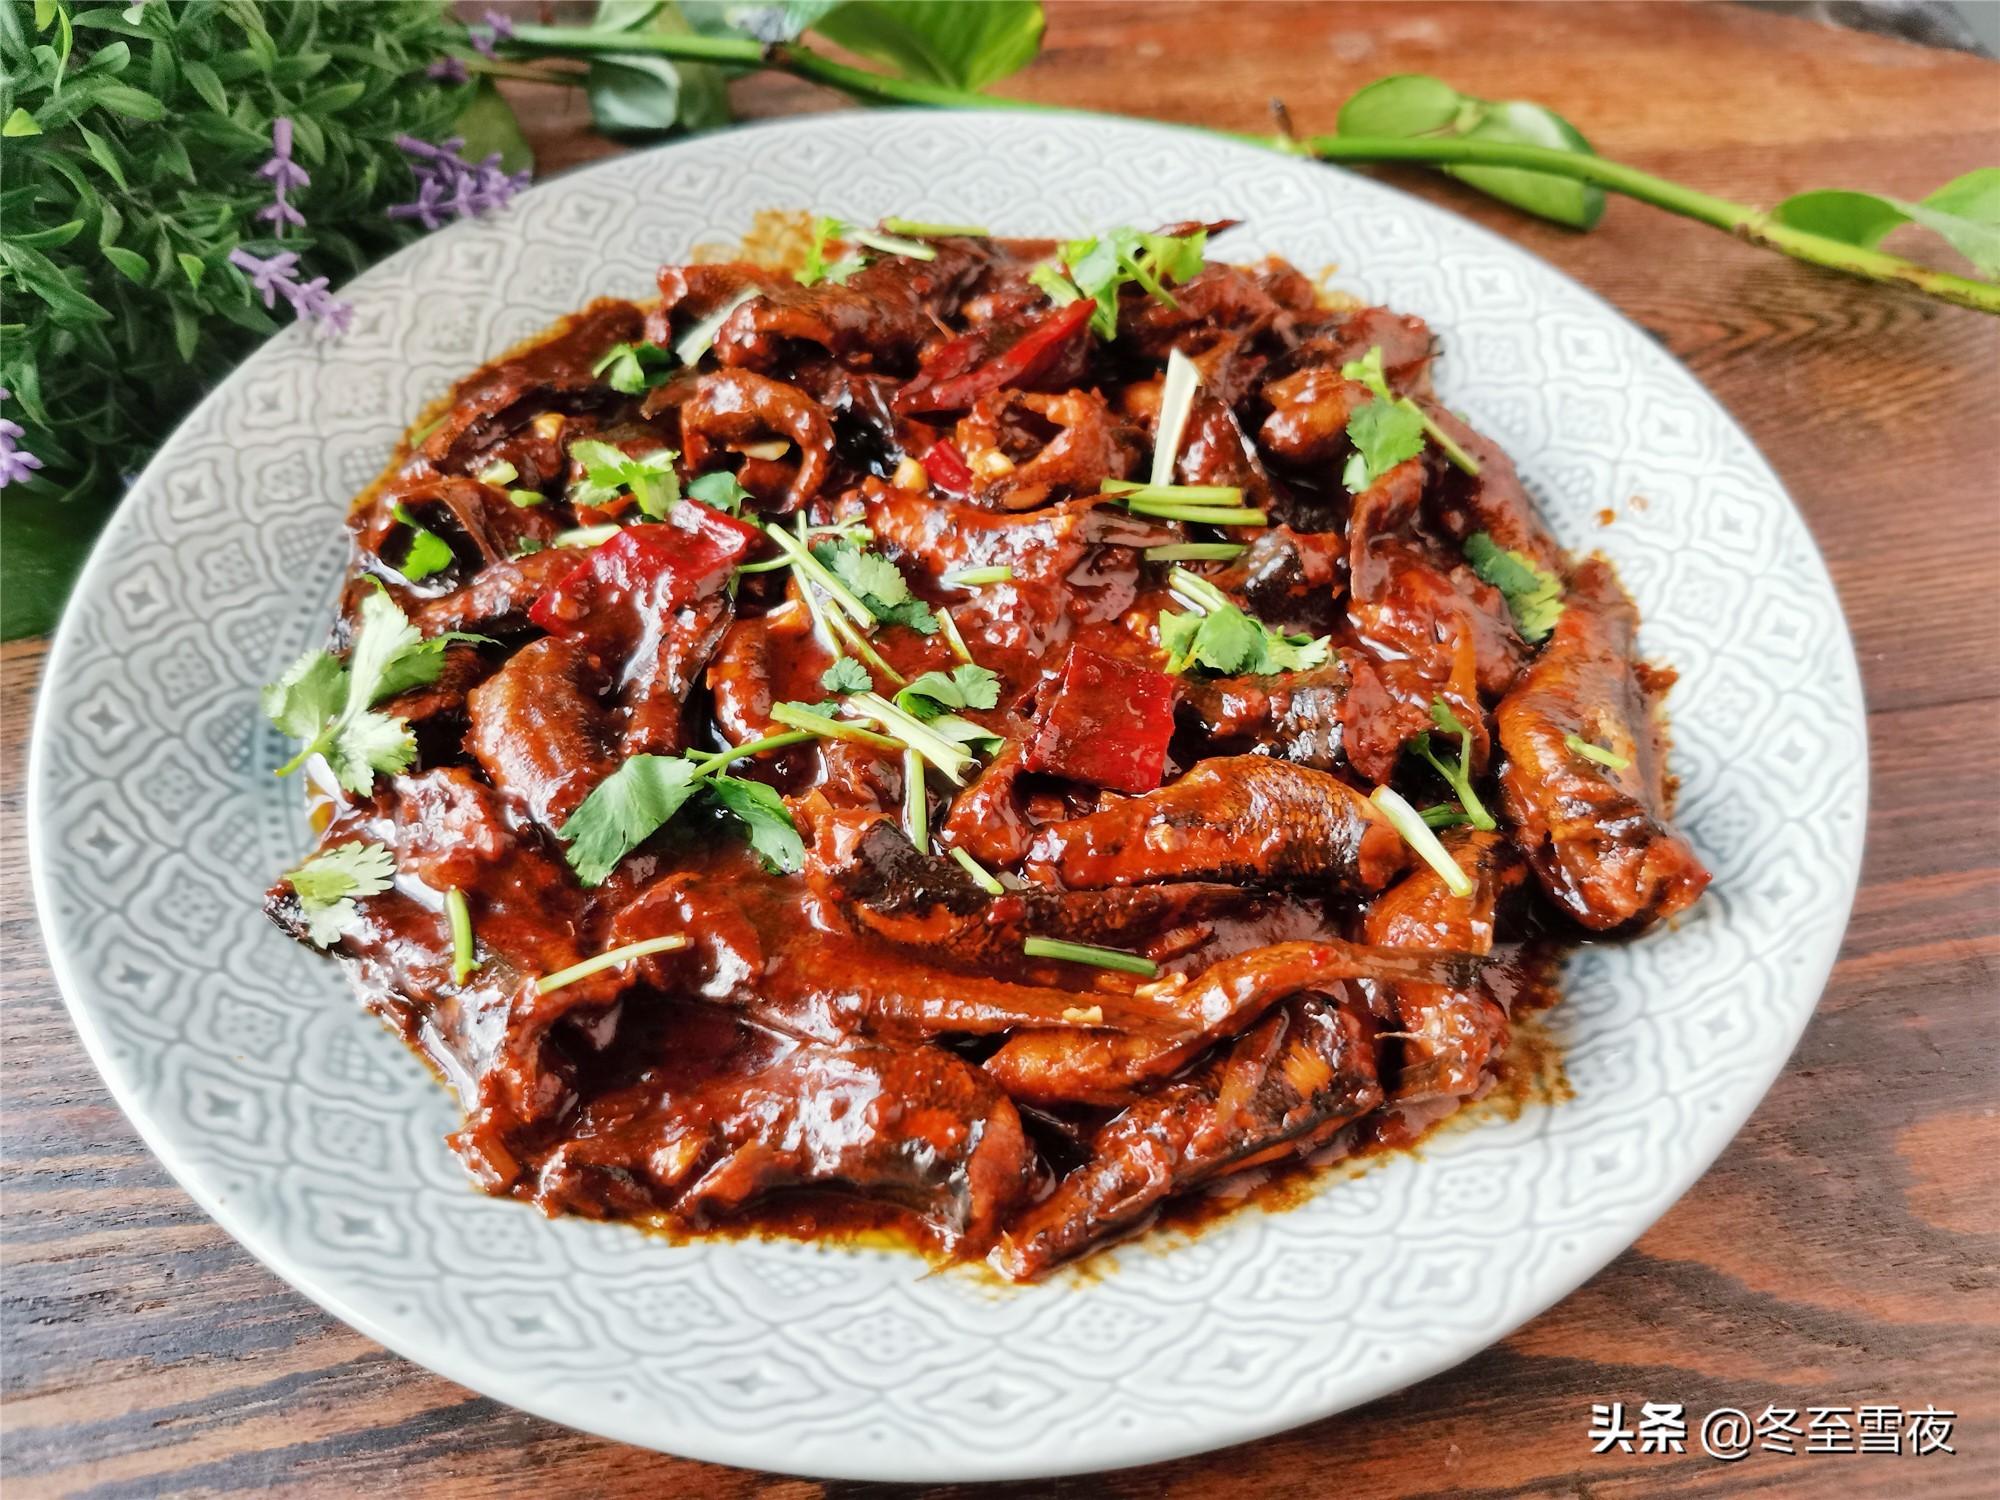 冬季,东北人最稀罕吃的14道家常菜,都是东北味儿,家常又好吃 东北菜谱 第11张